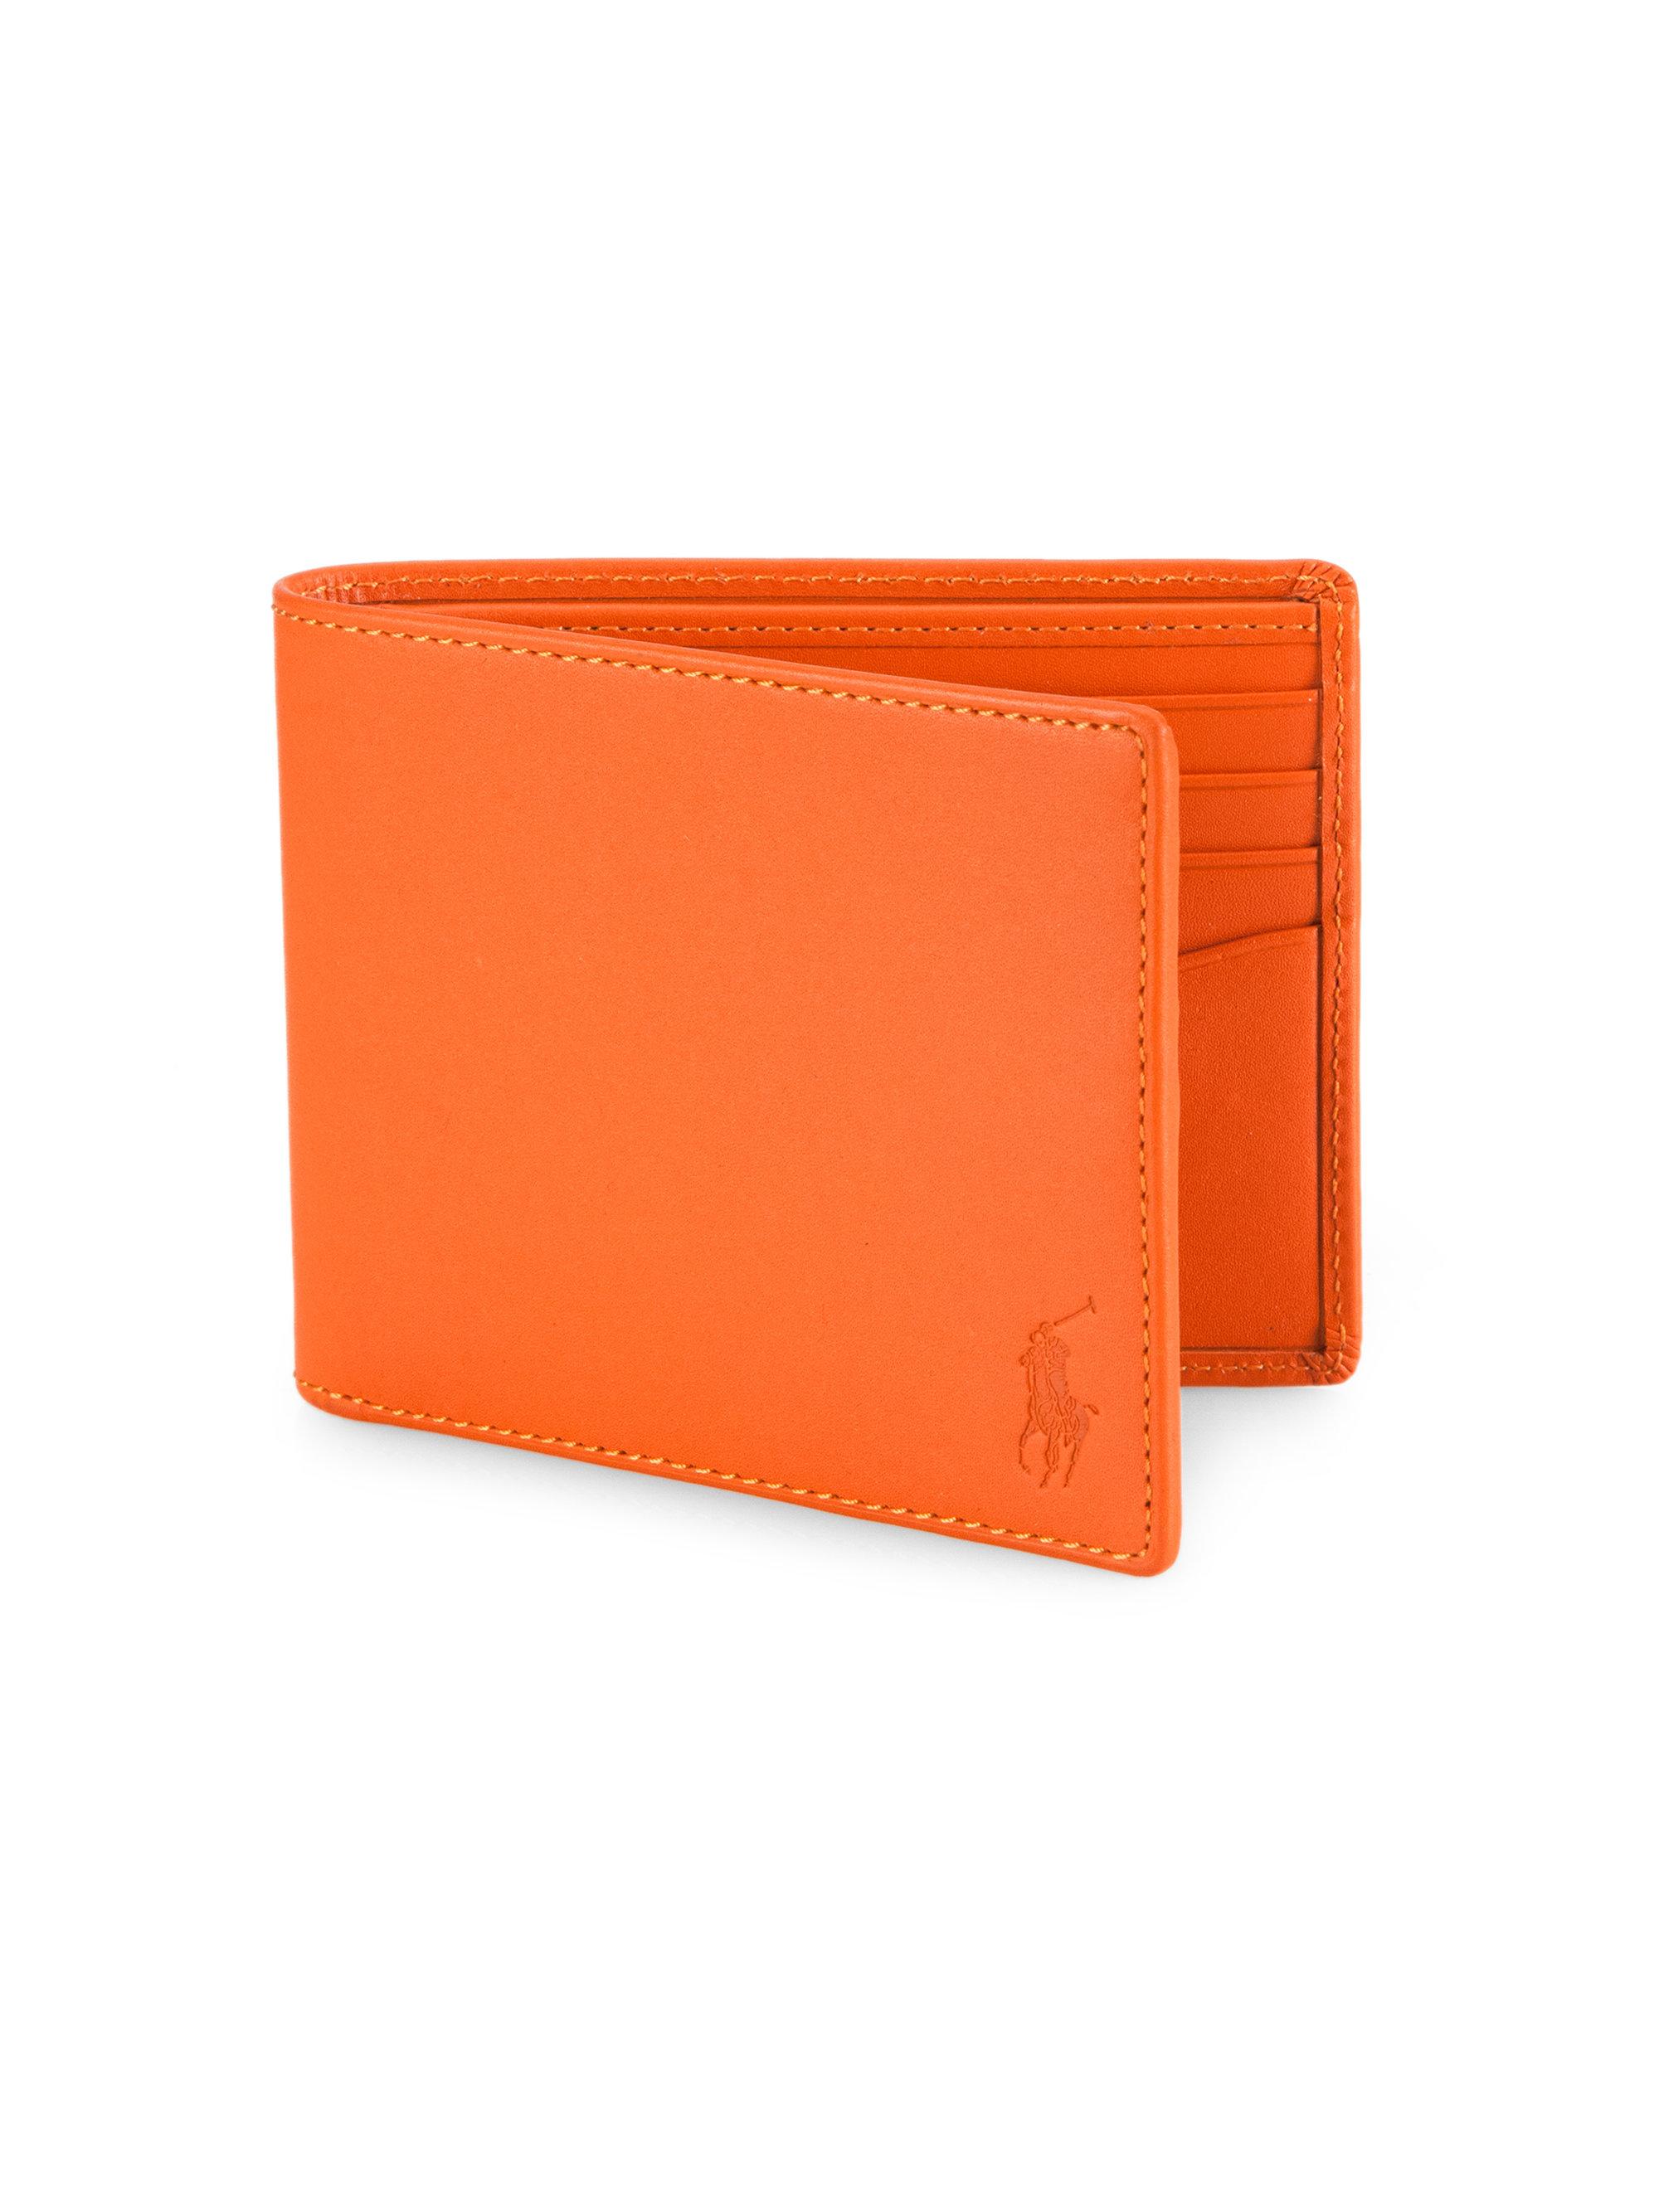 cc2197aa28 Ralph Lauren Orange Wallet - Best Photo Wallet Justiceforkenny.Org